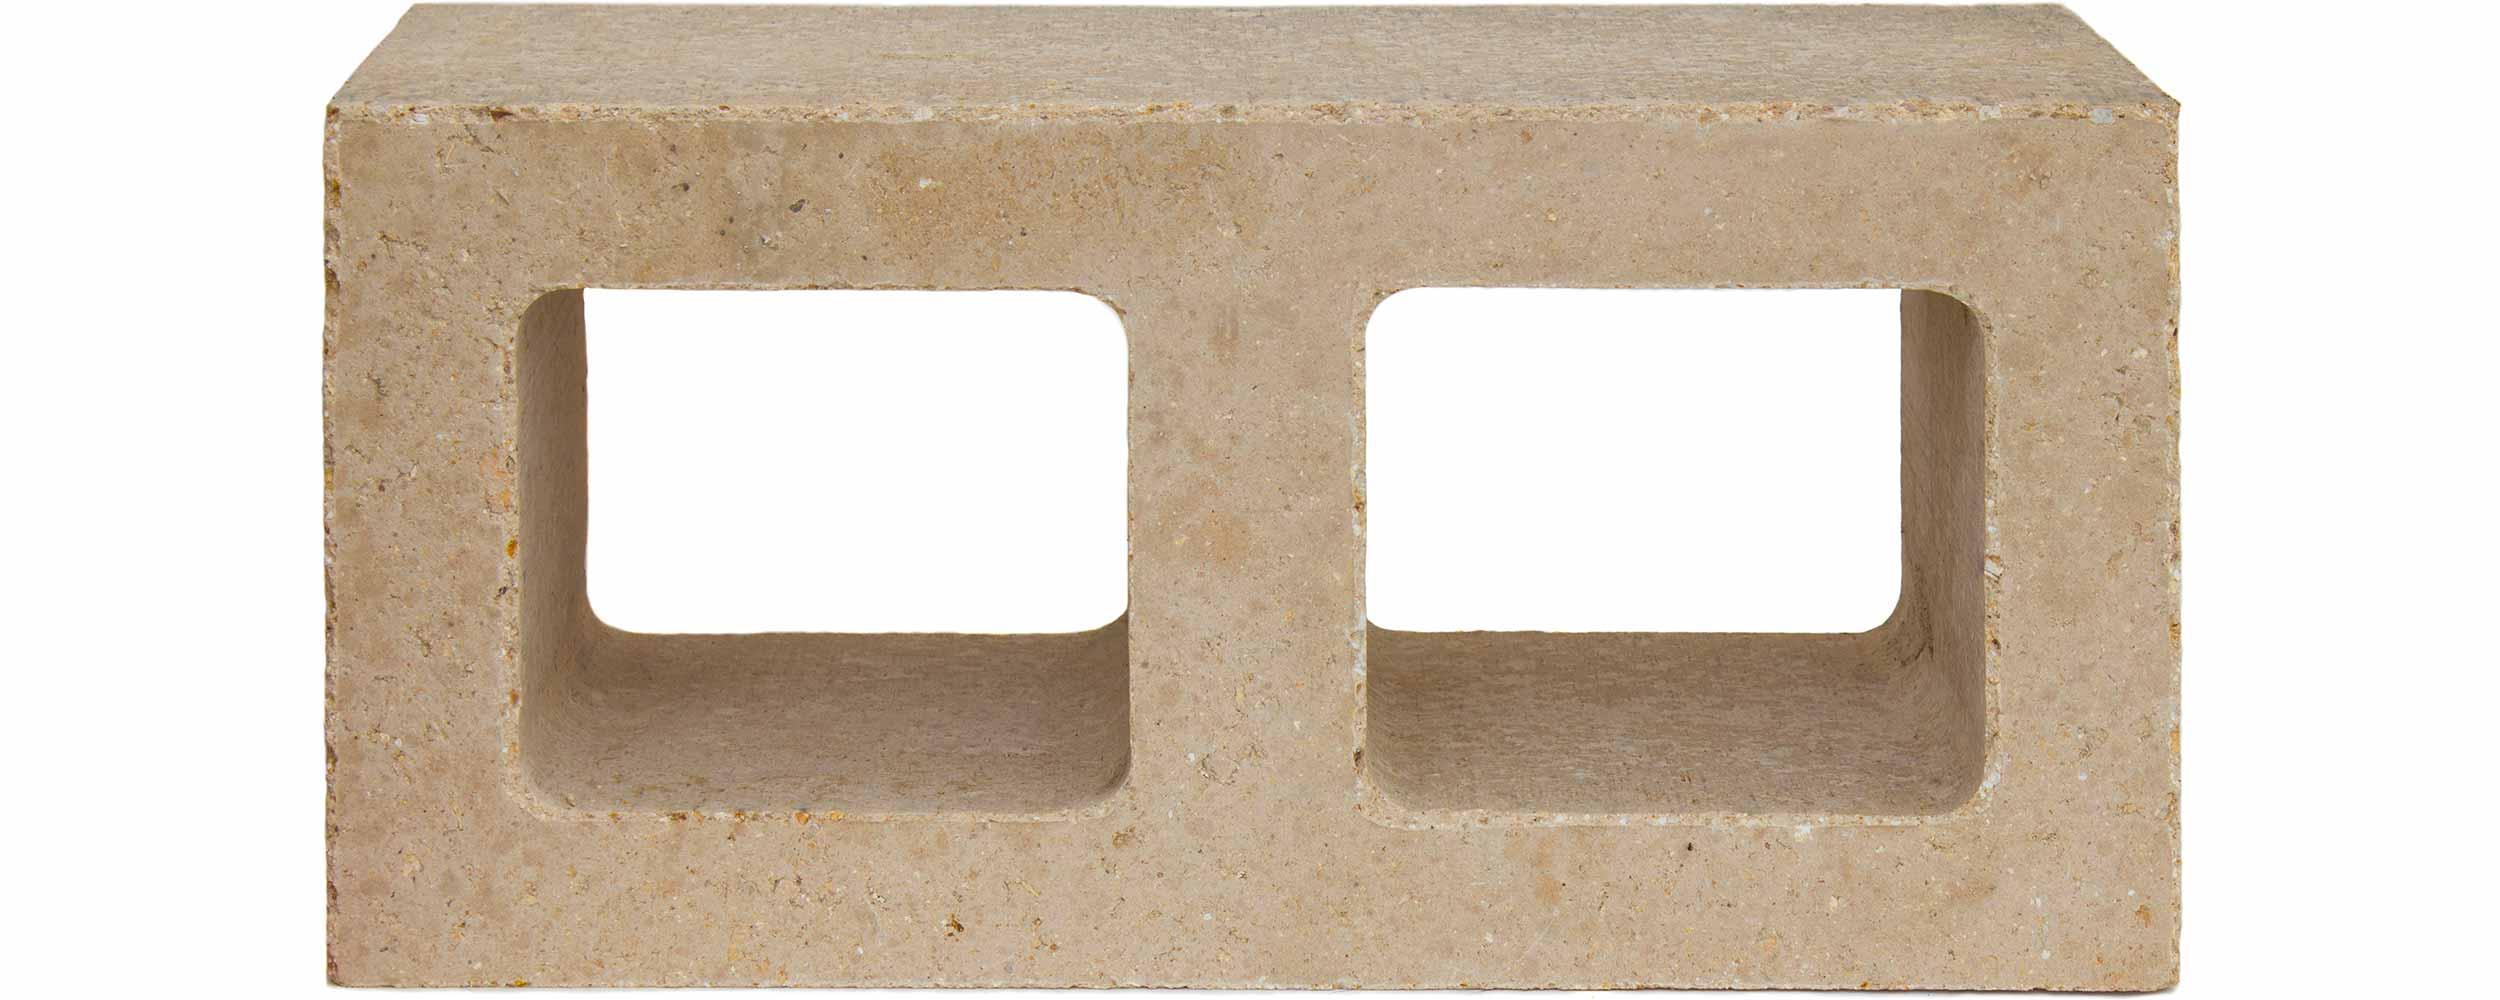 Watershed-Materials-Sweetwater-Watershed-Block-2-2500.jpg